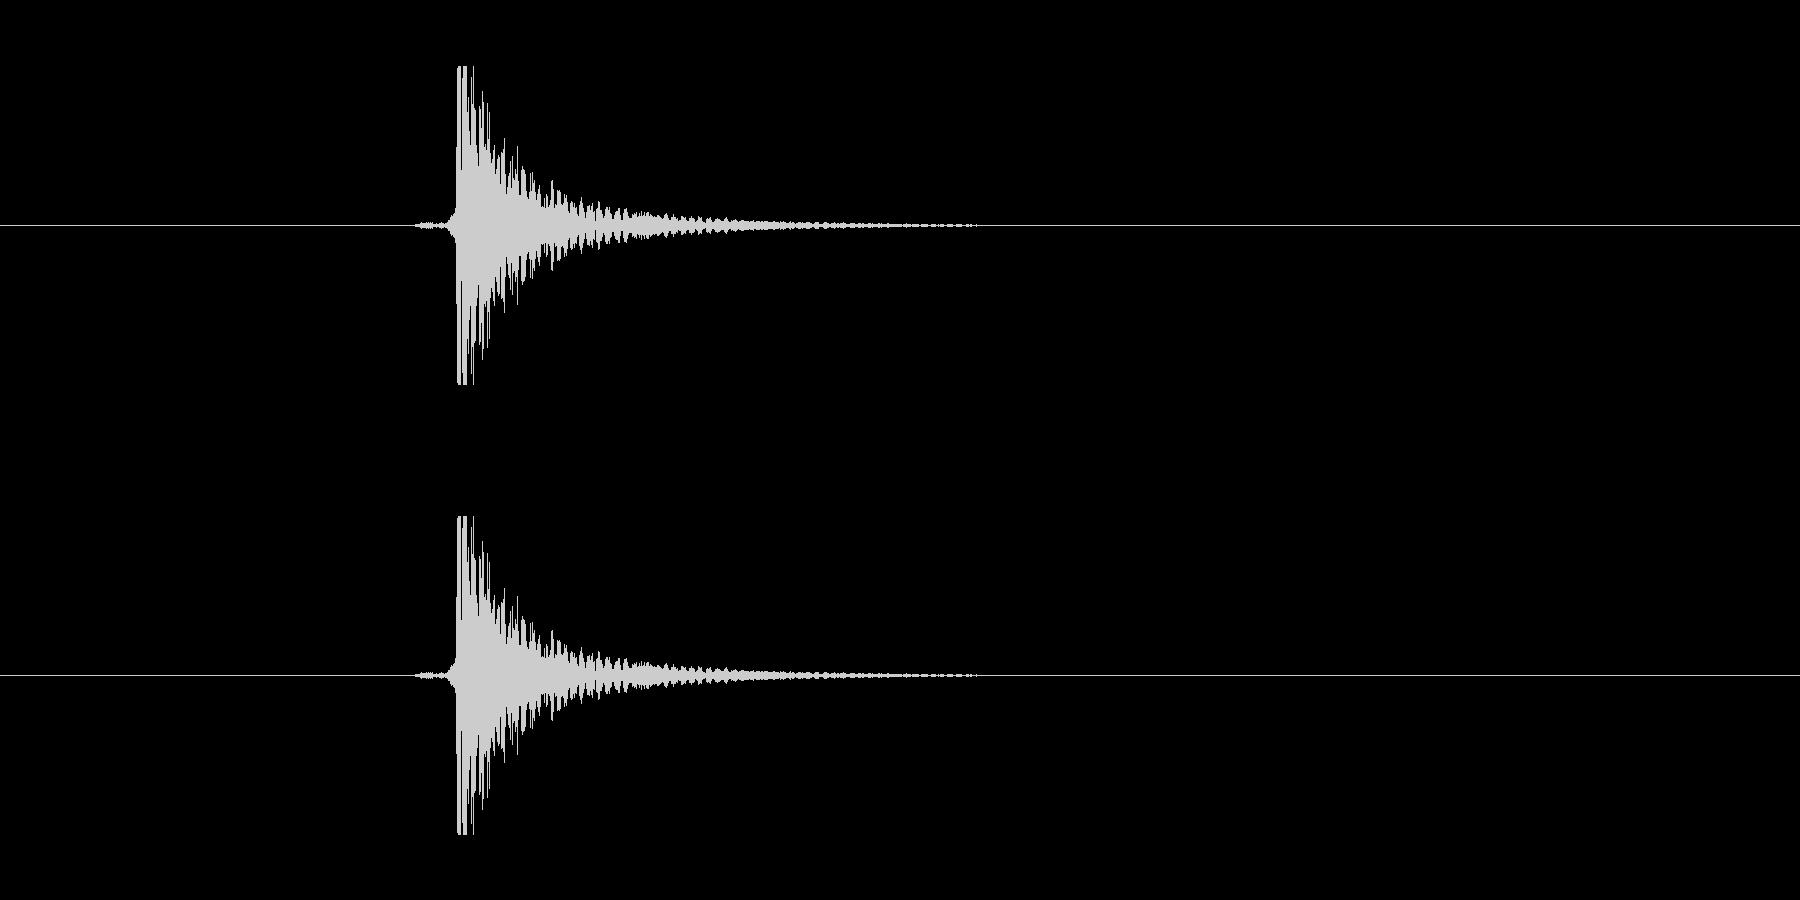 缶のニップルをはじく音の未再生の波形